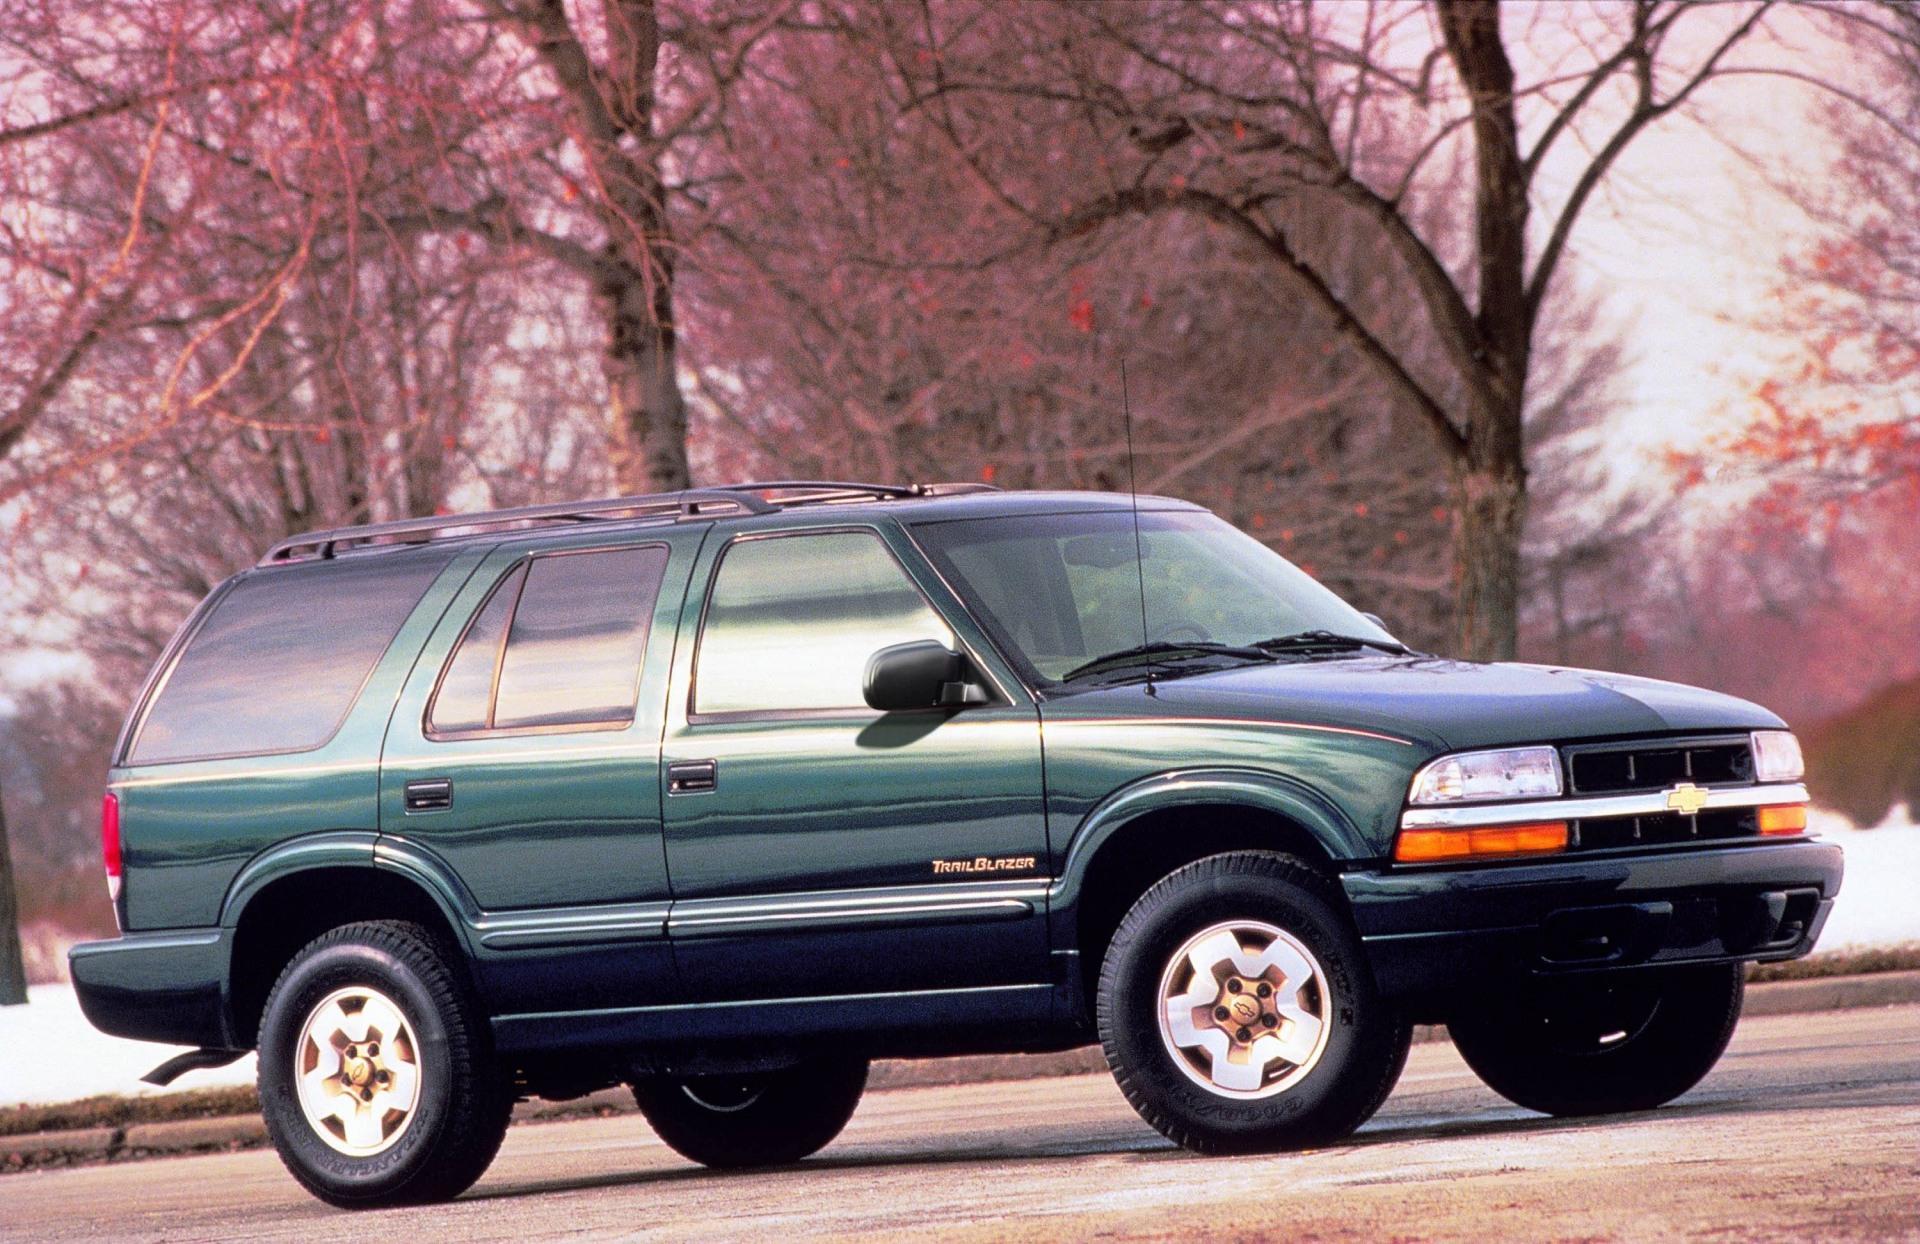 1999 Chevrolet Blazer - conceptcarz.com